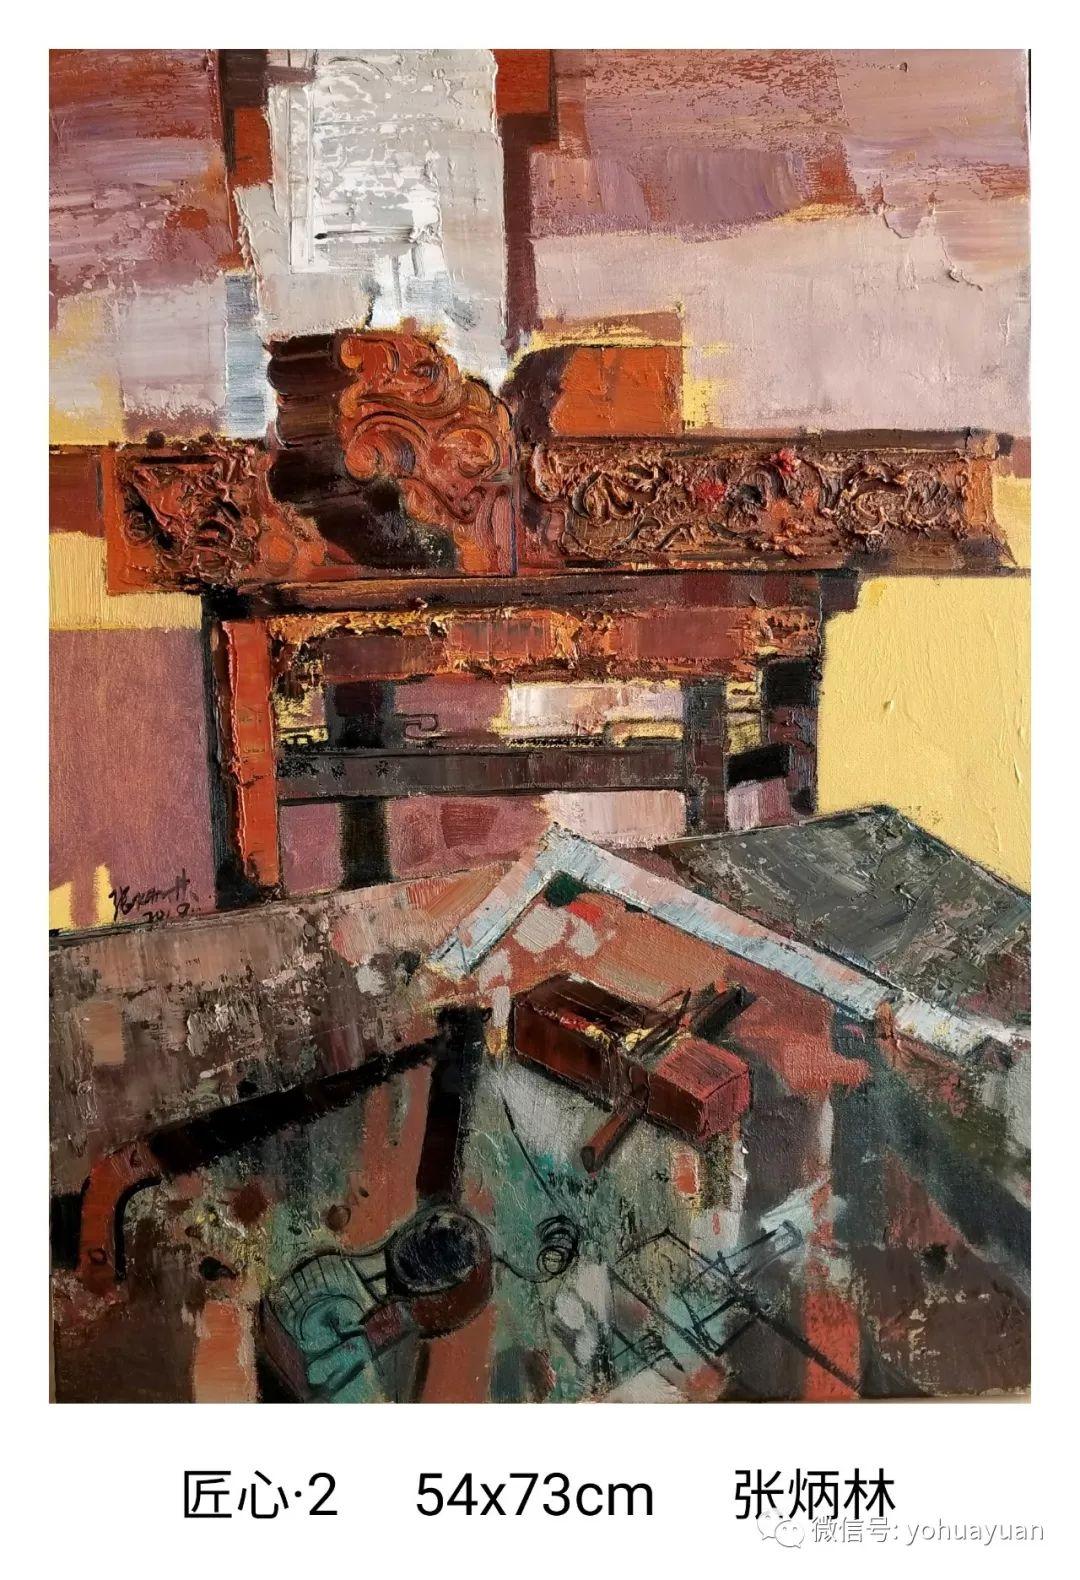 油画作品拍卖(内蒙古草原写生) 第78张 油画作品拍卖(内蒙古草原写生) 蒙古画廊